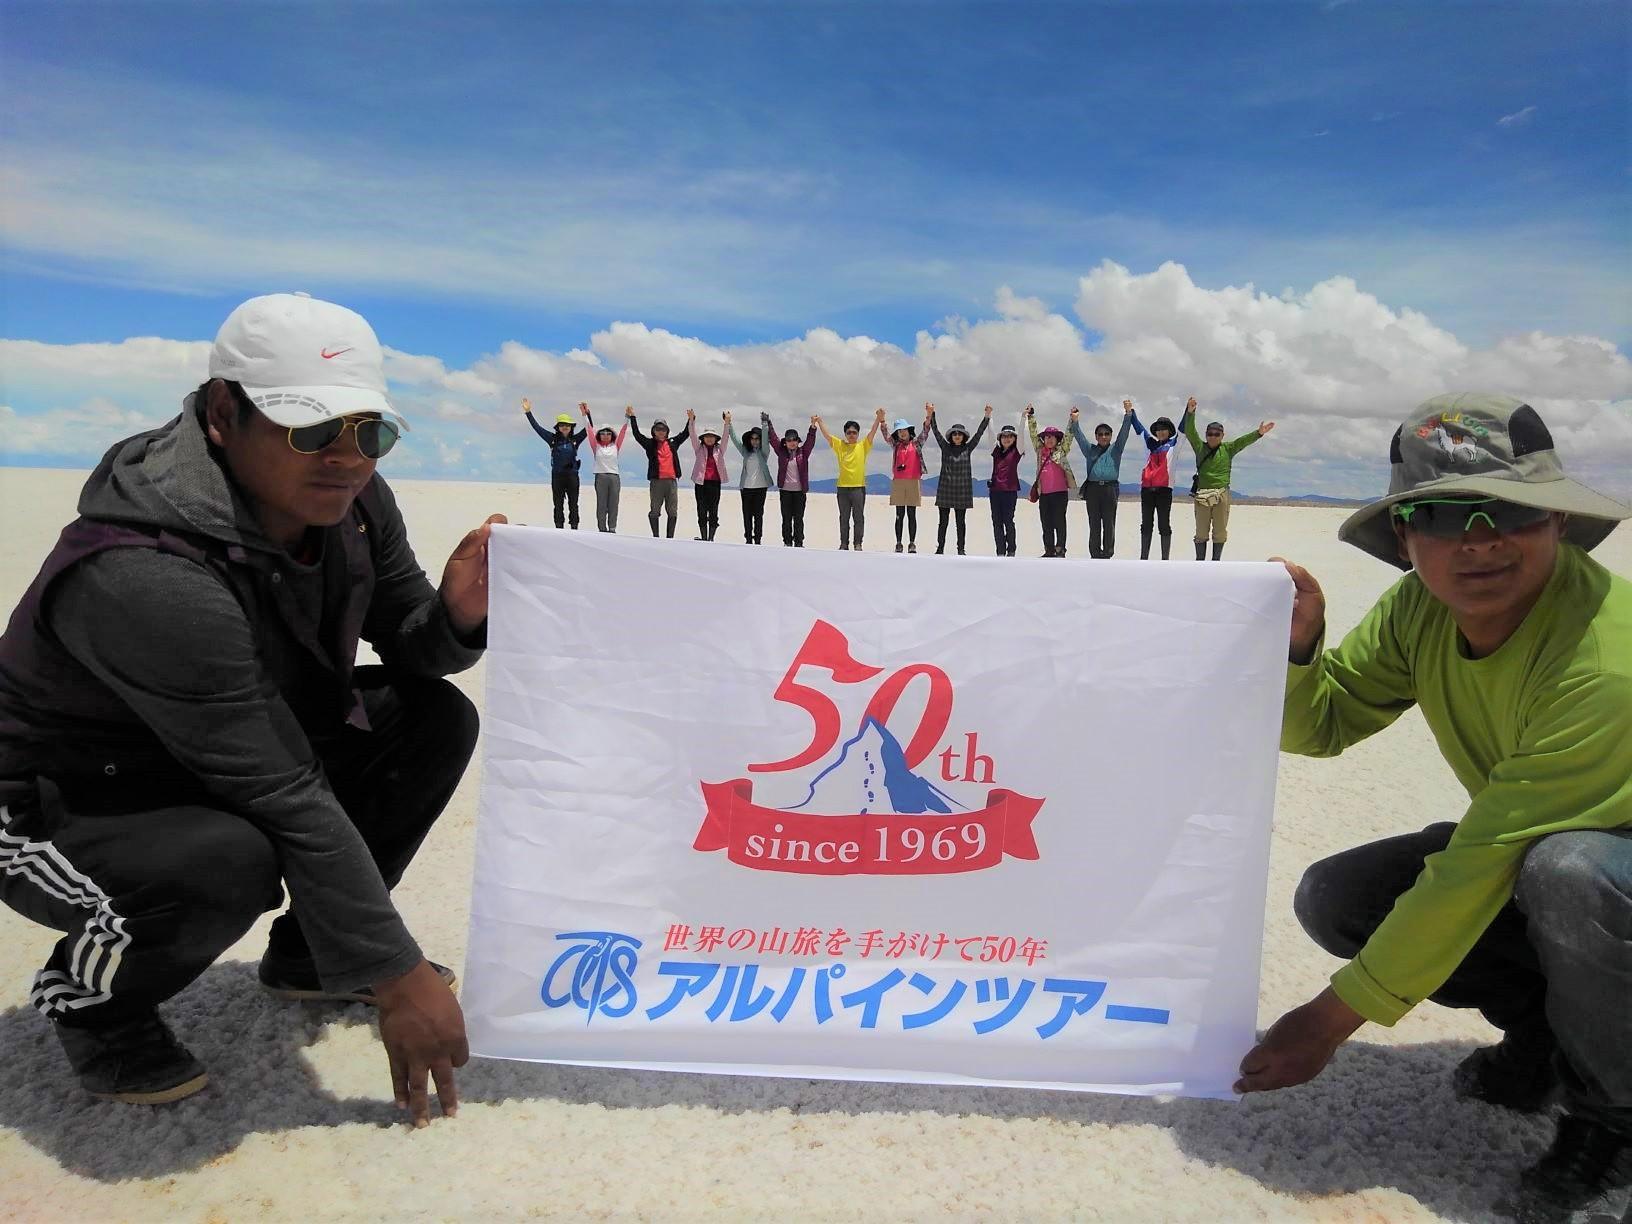 12月28日出発「【創業50周年記念特別企画 Bコース】 ボリビア雨季に訪ねるウユニ塩湖 9日間」